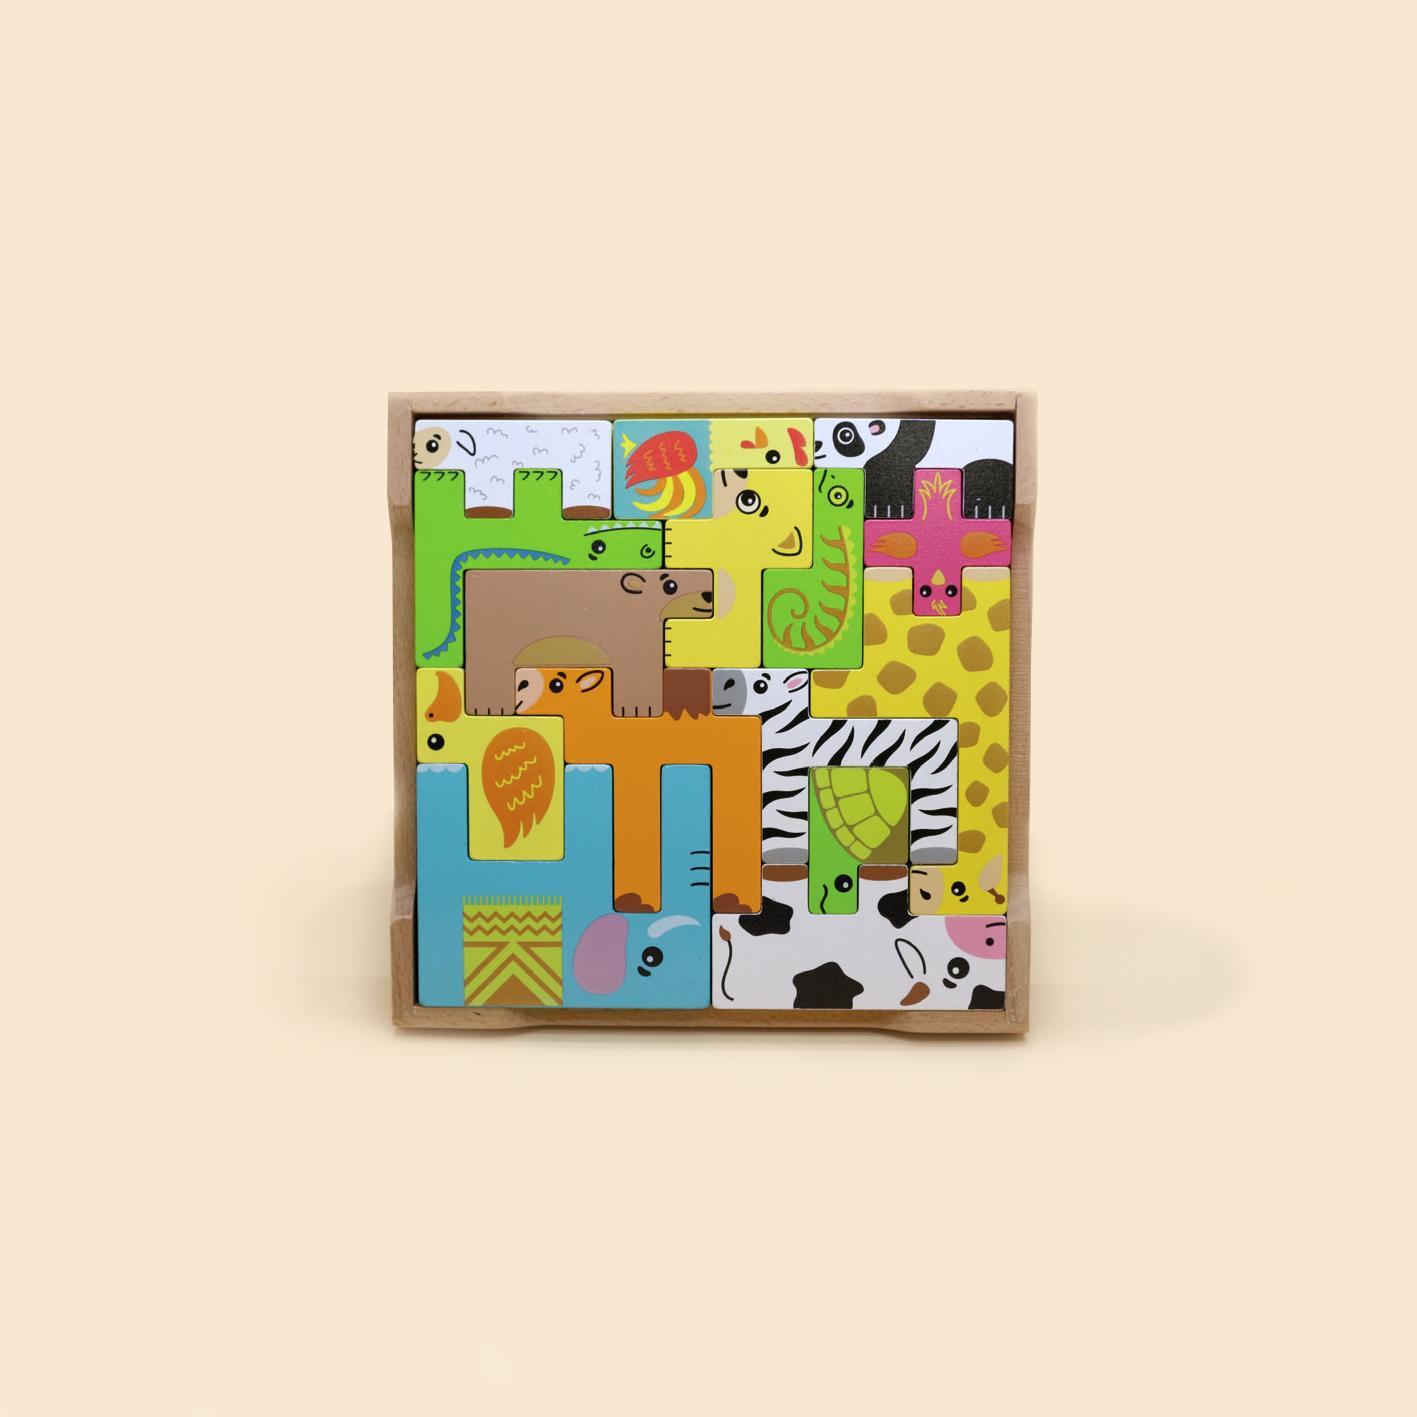 Đồ Chơi Ghép Gỗ Con Vật - Wooden Animal Puzzle S20